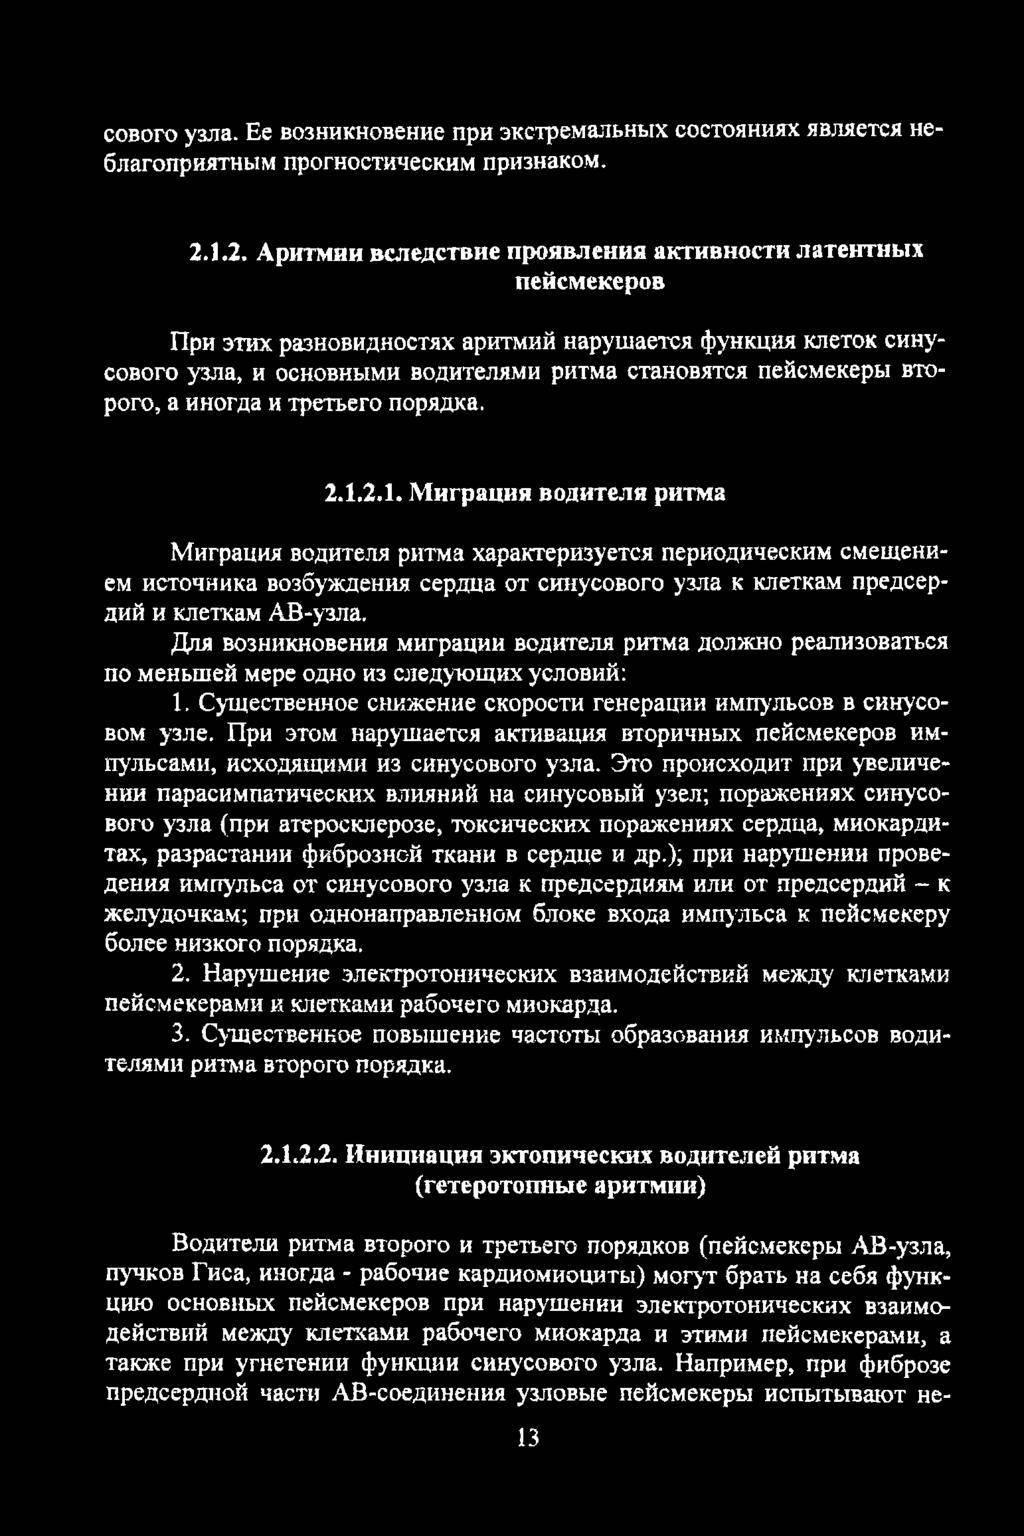 Карагандинский государственный медицинский университет кафедра внутренних болезней 2 срс тема: аритмия, признаки и лечения. - презентация